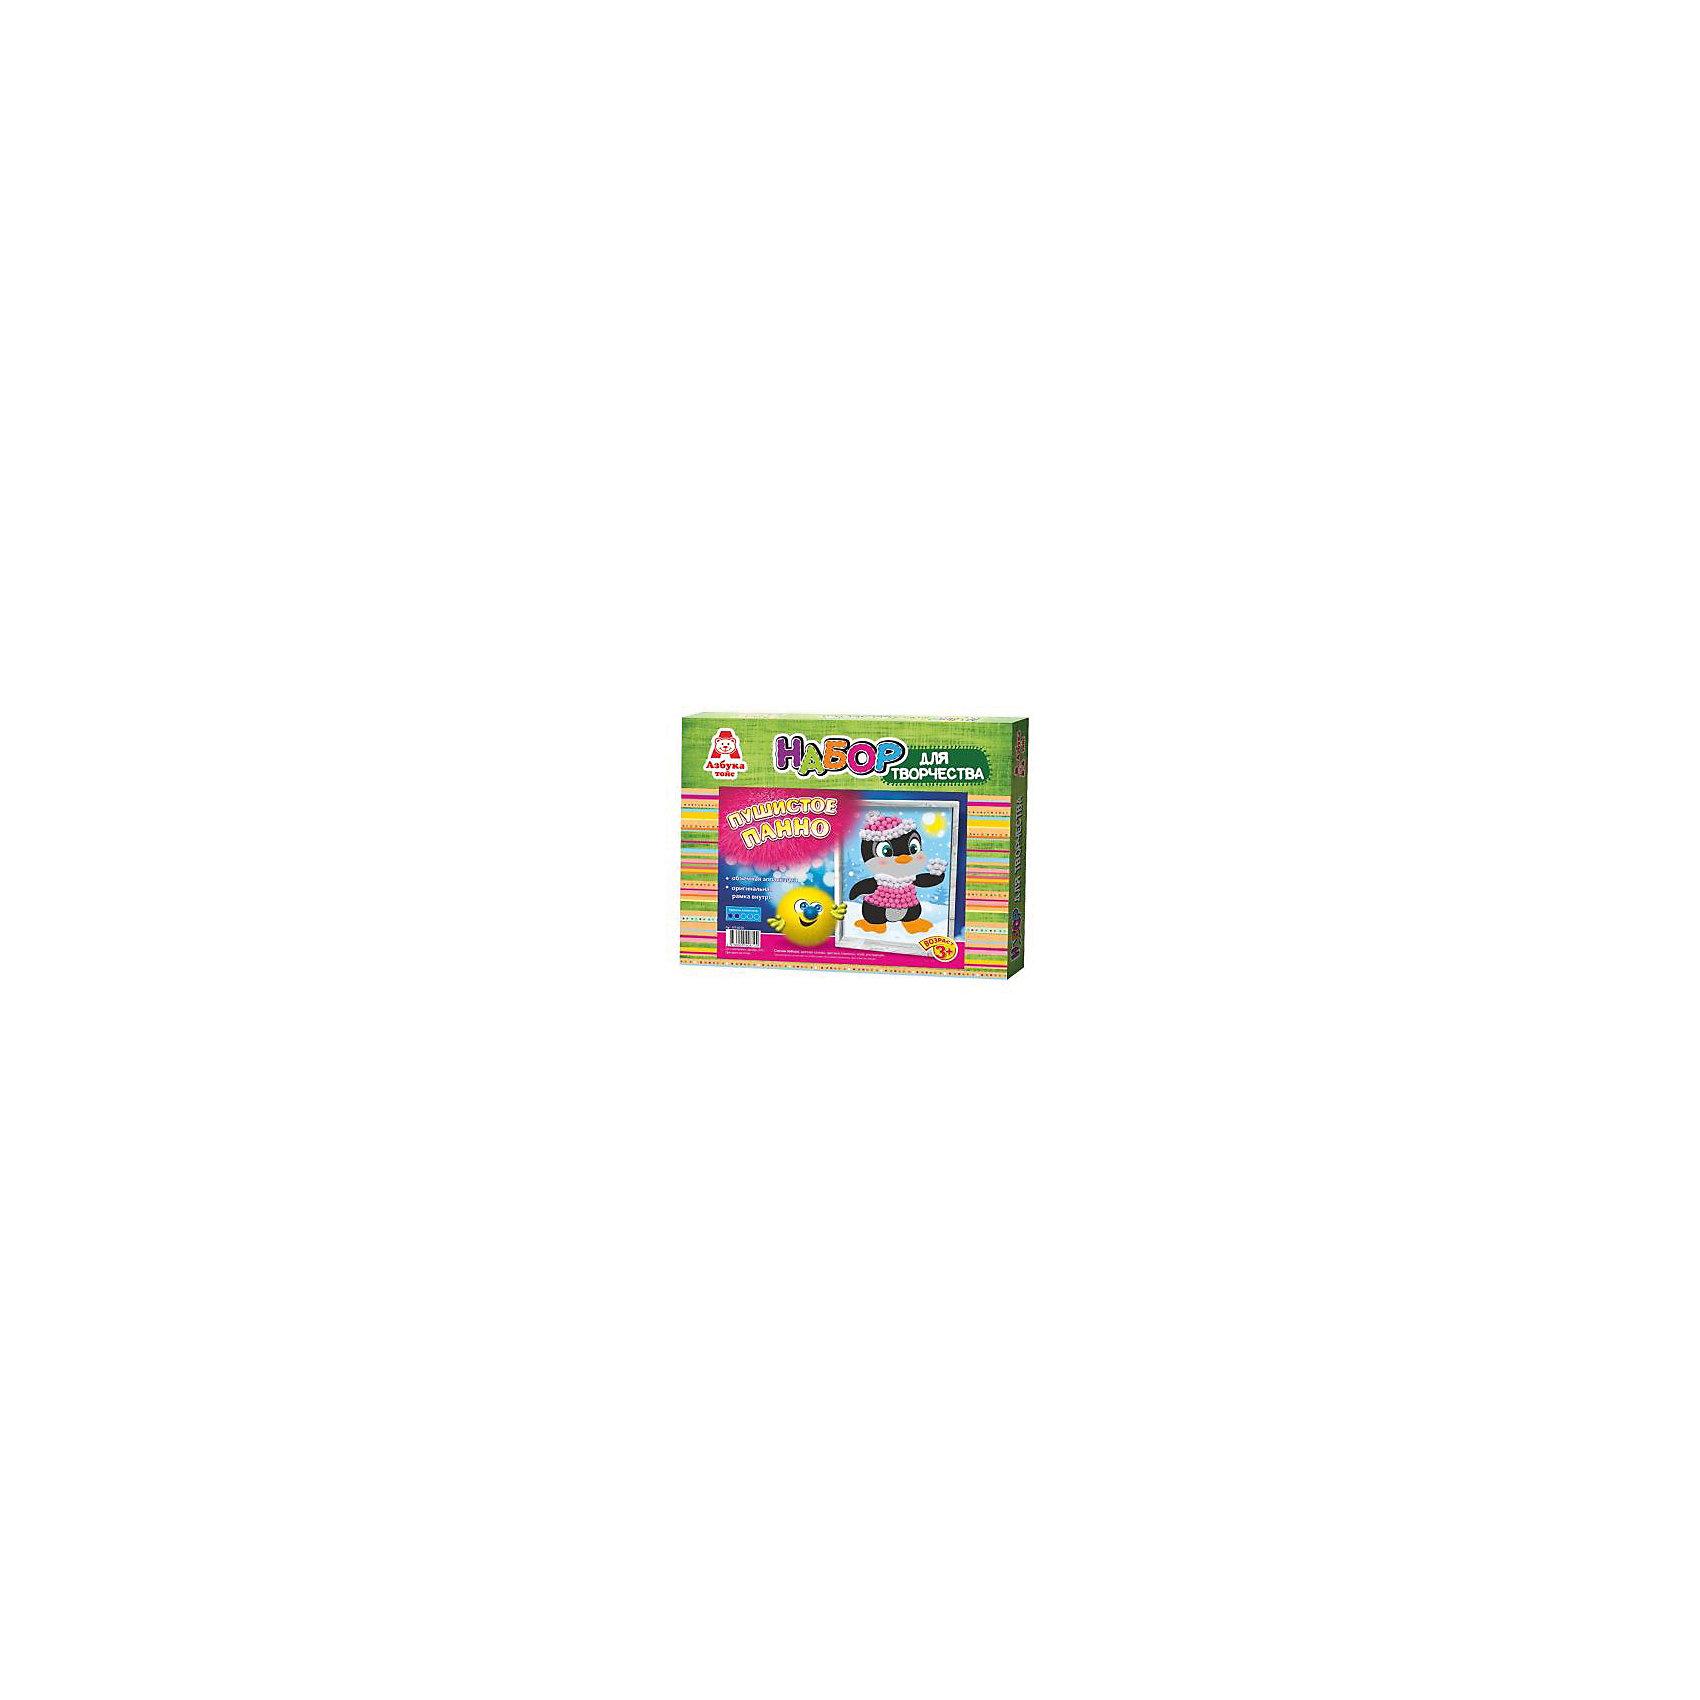 Аппликация помпонами ПингвинАппликация помпонами Пингвин.<br><br>Характеристики:<br><br>- Для детей от 3 лет<br>- В наборе: цветная основа, цветные помпоны, клей, оригинальная рамка, инструкция<br>- Изготовитель: ООО Азбука Тойс<br>- Страна производитель: Россия<br>- Размер упаковки: 27х3х22 см.<br>- Вес: 126 гр.<br><br>Набор для создания объемной аппликации из маленьких разноцветных помпонов, которые нужно с помощью клея приклеивать к рисунку-схеме с изображением пингвина, надолго увлечет вашего малыша и не позволит ему скучать. А готовый шедевр, вставленный в оригинальную рамочку, станет чудесным украшением интерьера или замечательным подарком для друзей и родных. Аппликация помпонами - интересное и увлекательное занятие, полезное для развития. Оно поможет повысить самооценку ребенка, уверенность в его силах и возможностях. Так же занятие аппликацией способствует развитию творчества и фантазии, цветового восприятия, мелкой моторики рук. Цветные мягкие помпончики познакомят ребенка с основными цветами, помогут развить тактильные ощущения и научат располагать одинаковые формы по контуру рисунка.<br><br>Набор Аппликация помпонами Пингвин можно купить в нашем интернет-магазине.<br><br>Ширина мм: 270<br>Глубина мм: 30<br>Высота мм: 220<br>Вес г: 126<br>Возраст от месяцев: 36<br>Возраст до месяцев: 84<br>Пол: Унисекс<br>Возраст: Детский<br>SKU: 5062926